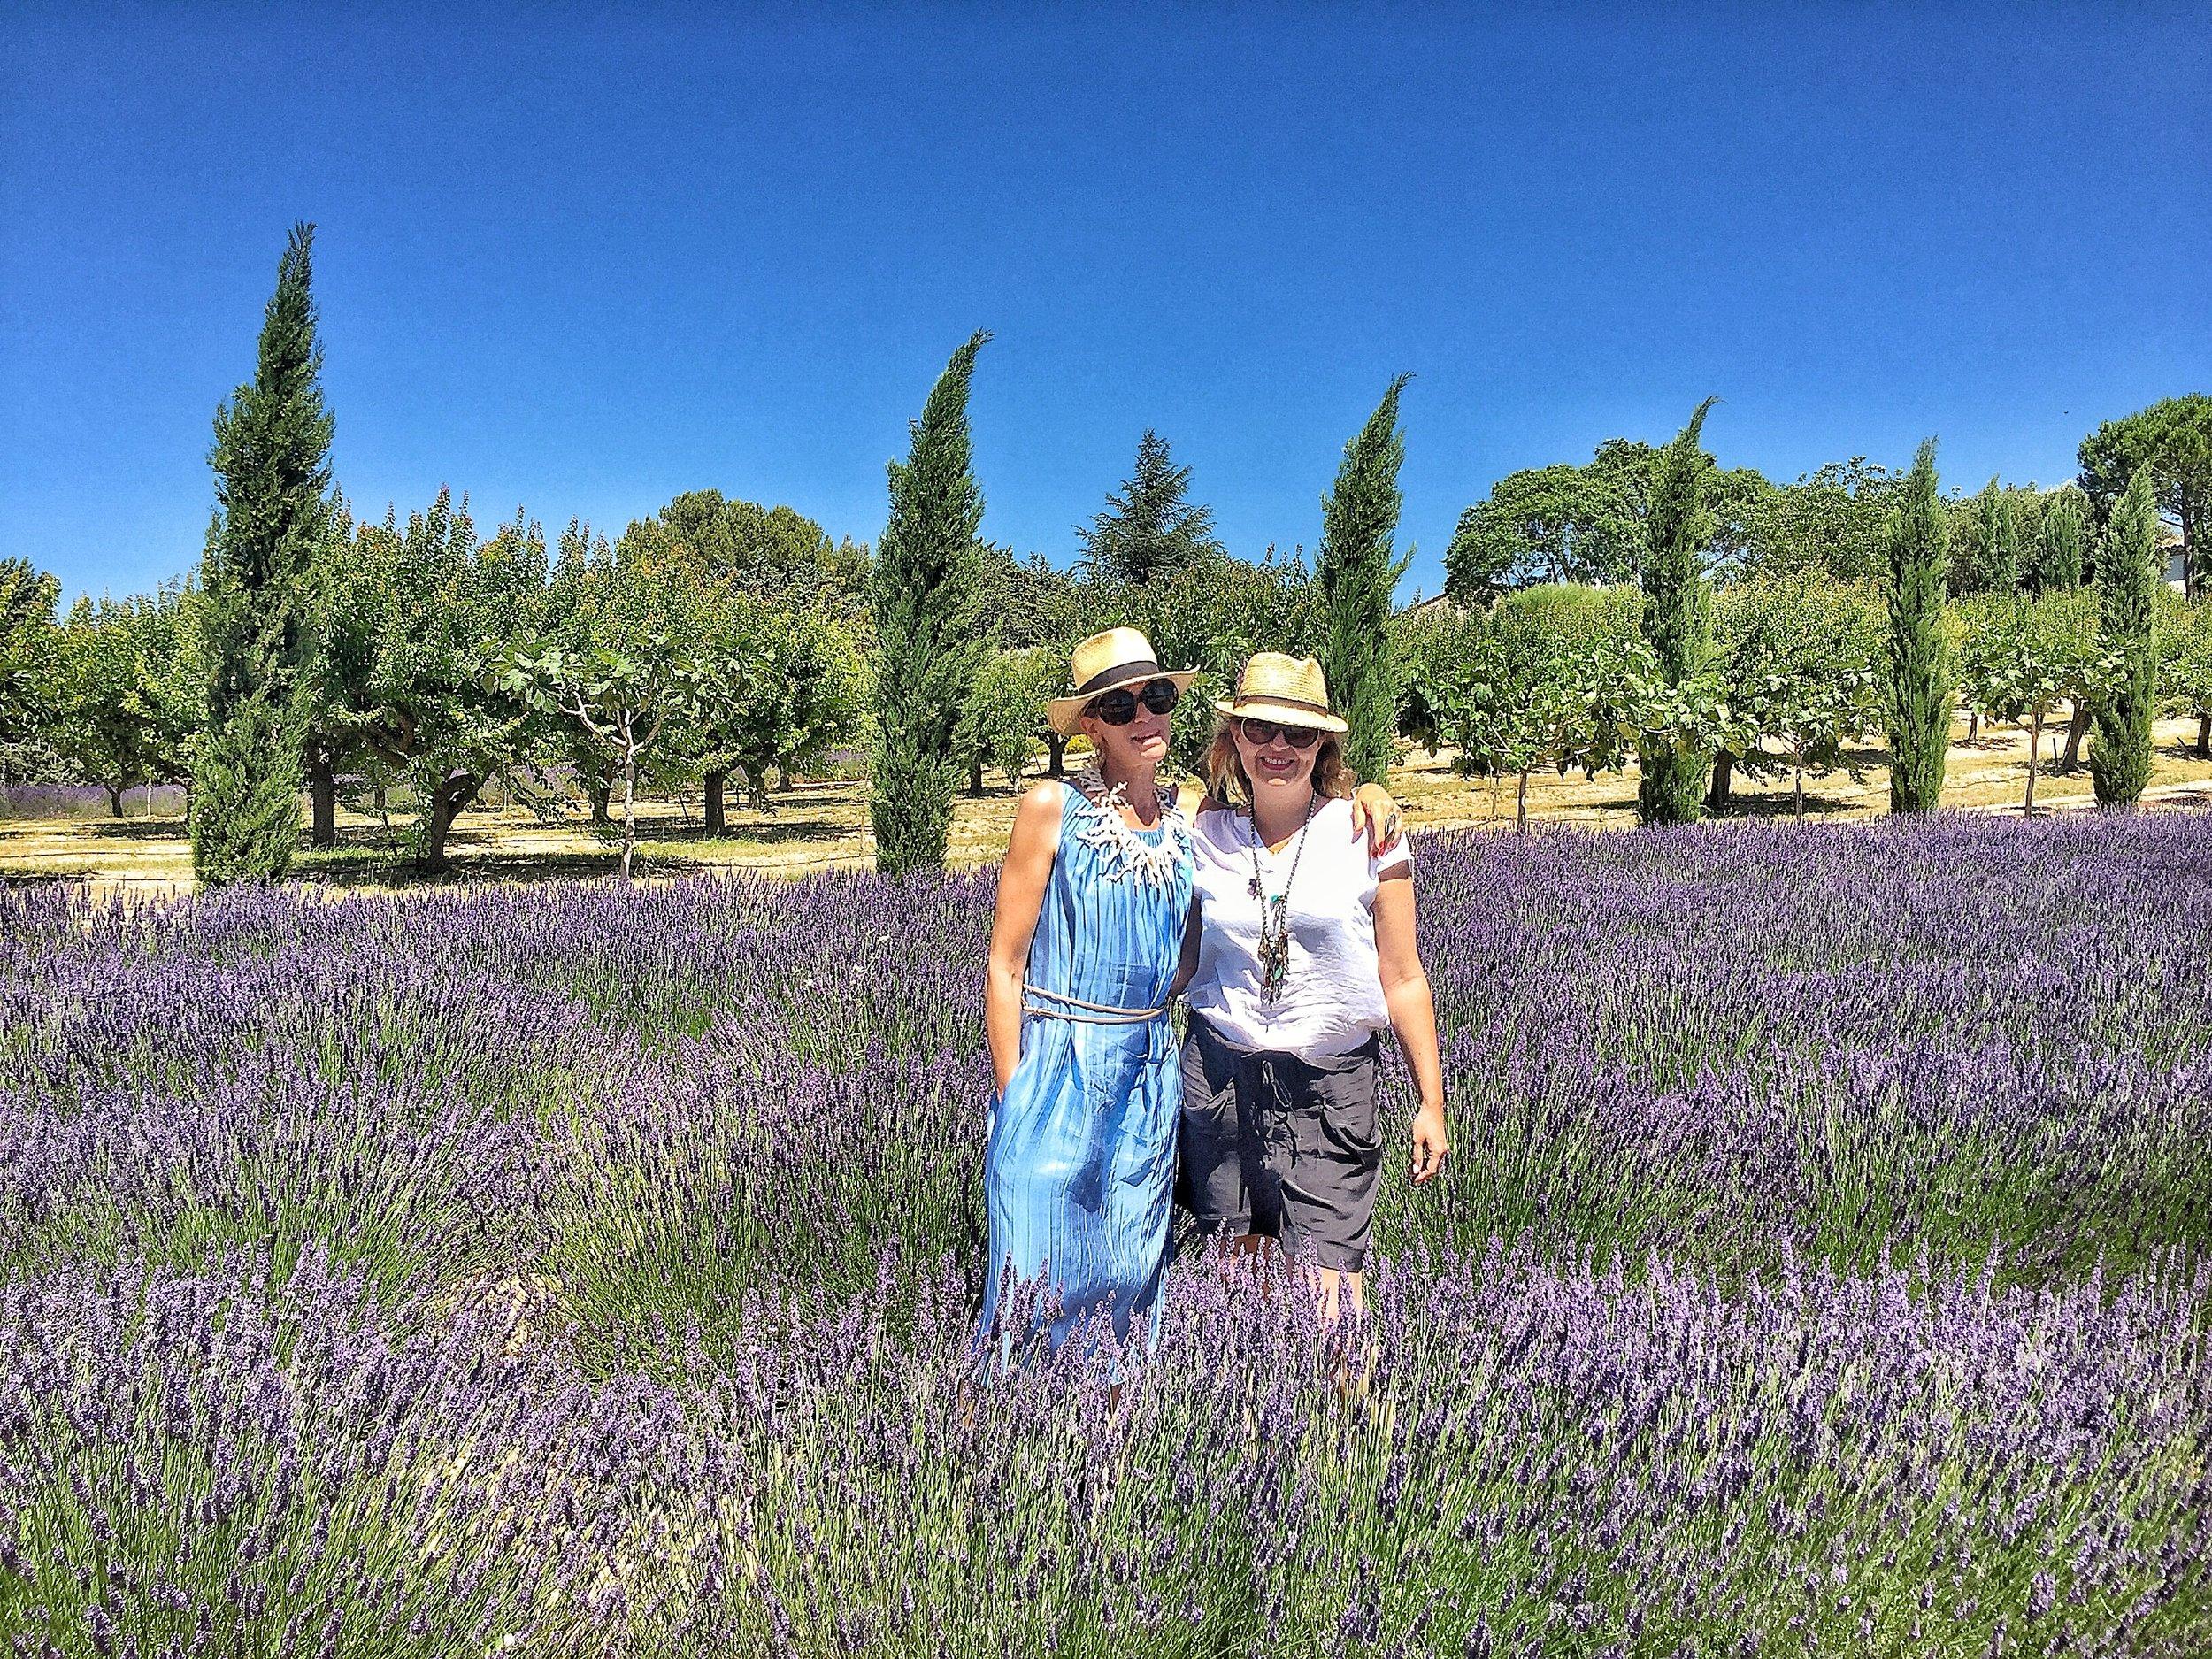 High on lavender